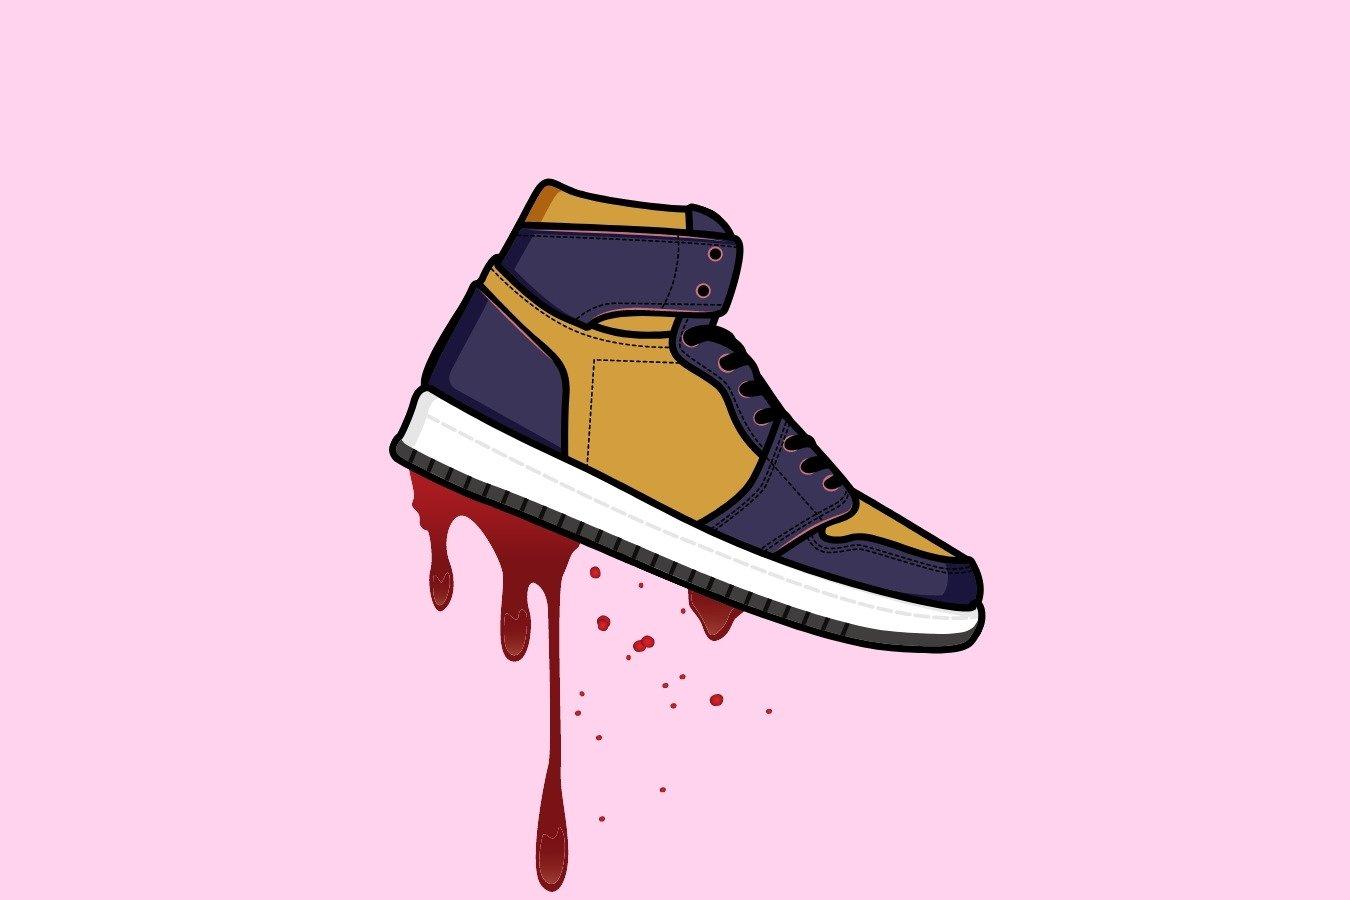 Кроссовки, ради которых стали убивать